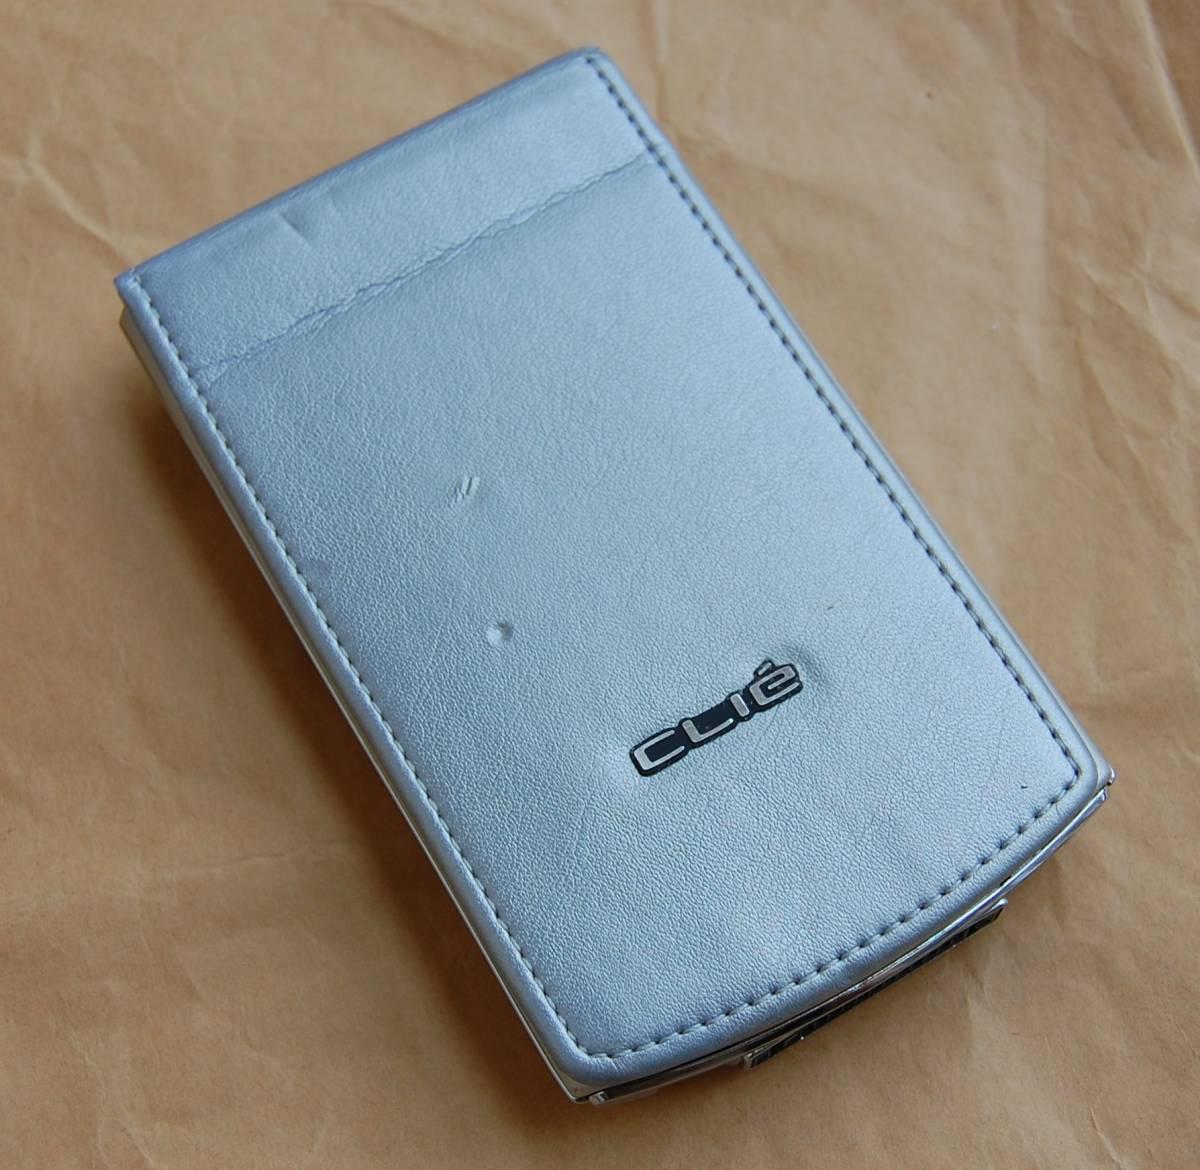 【美品】SONY CLIE PalmOS 4.1搭載PDA PEG-N750C 外観良好 現状渡し 送料210円~_画像3